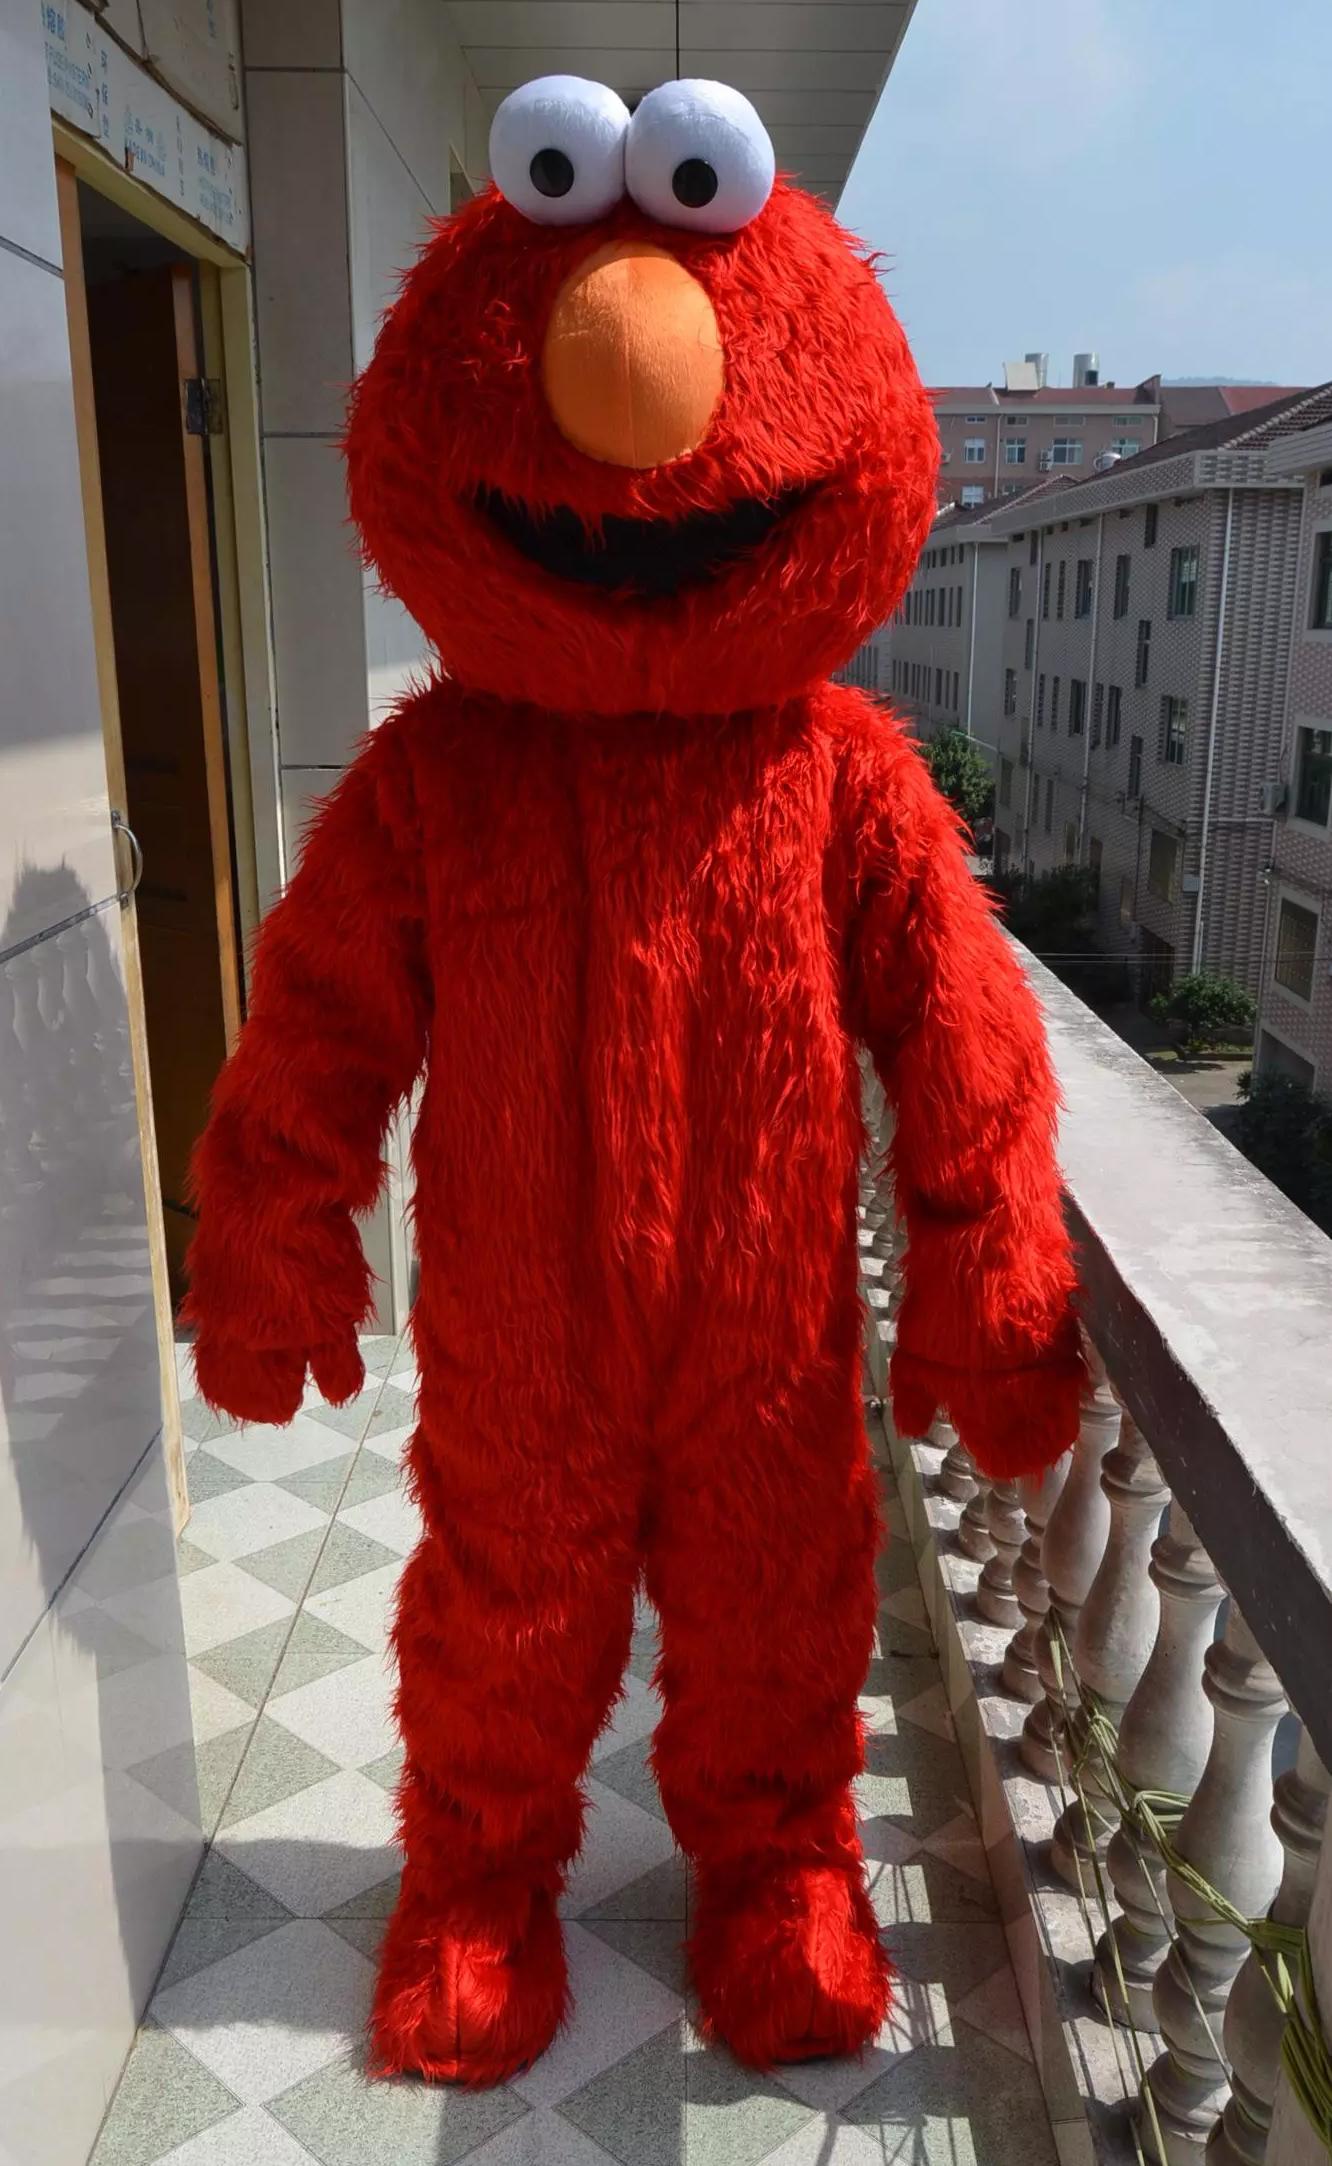 Red Monster Mascot